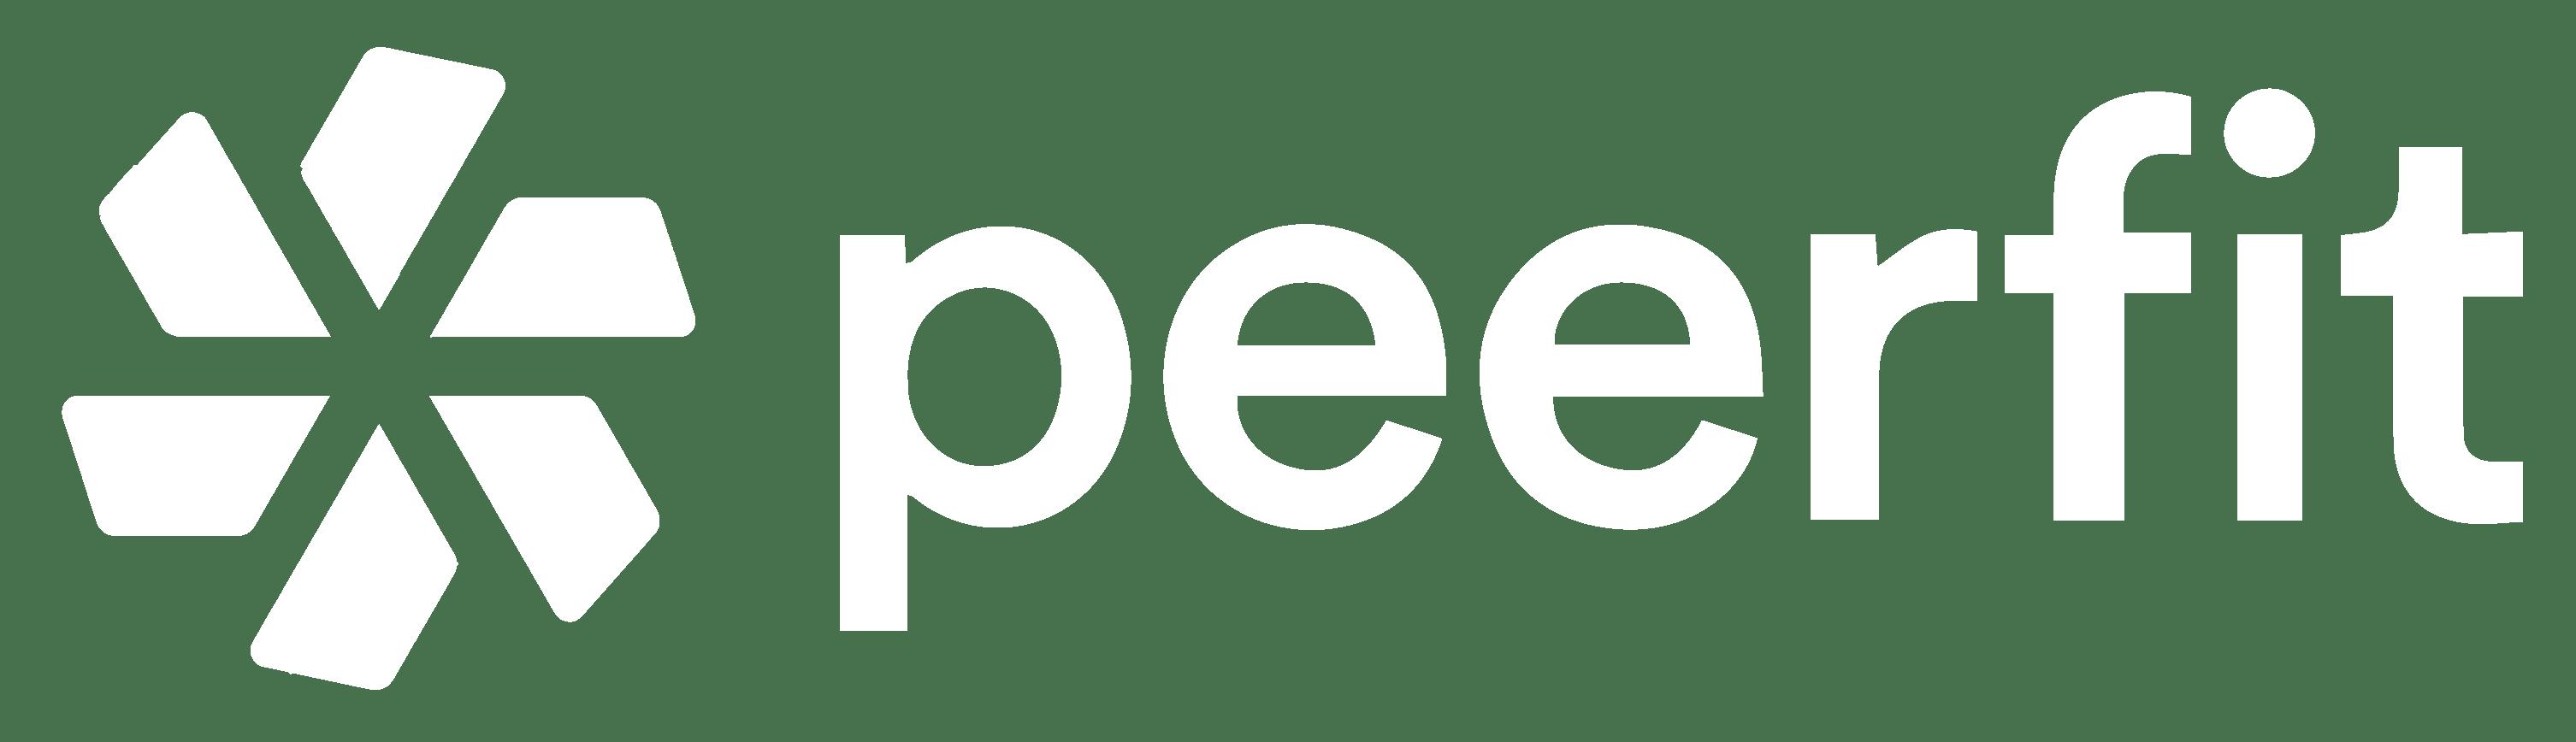 Peerfit-logo-1